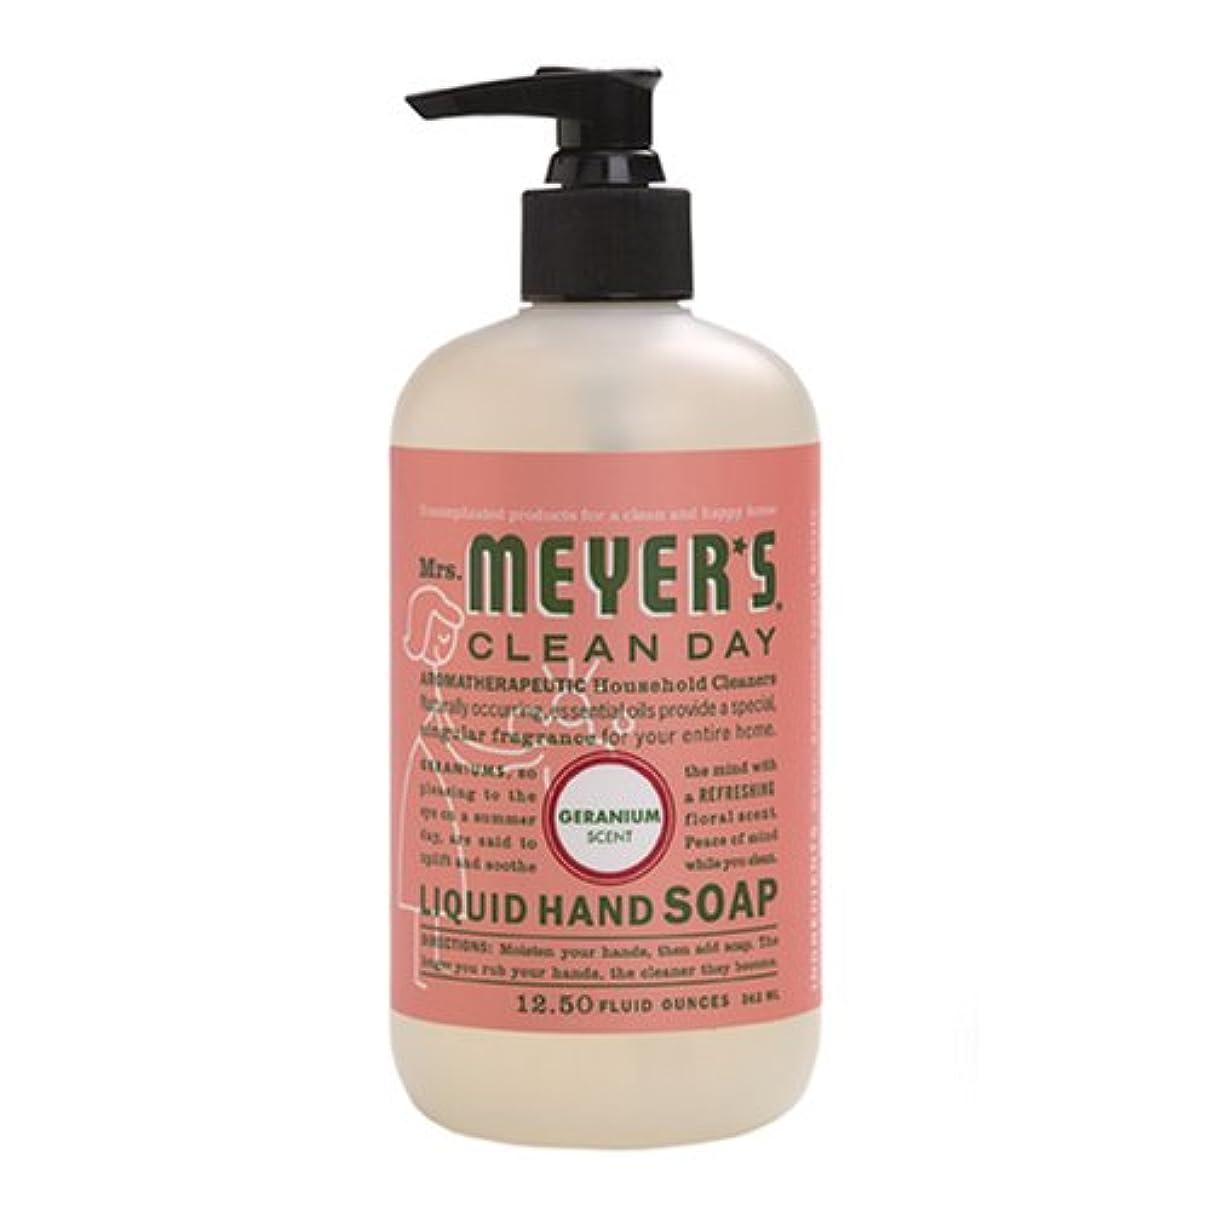 シャツ輝度部門Mrs. Meyers Clean Day, Liquid Hand Soap, Geranium Scent, 12.5 fl oz (370 ml)